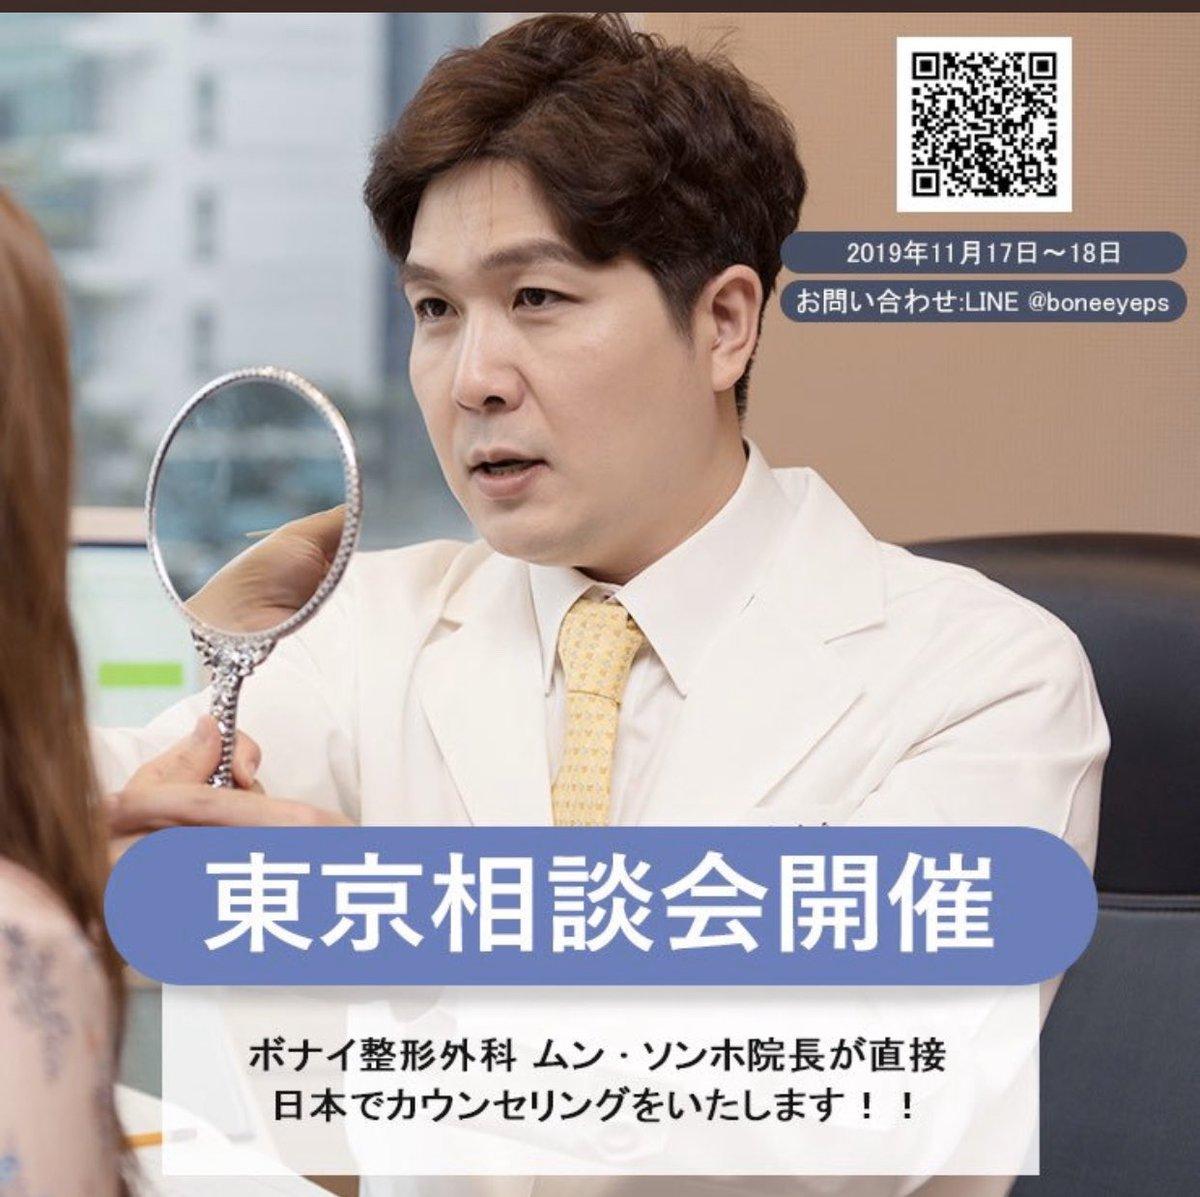 みなさん💗お待たせしたいしました🥺💗キャンセルの方が出て空きがあります!11月 院長が直接日本 東京で相談会をおこないます🥳🥳LINEにご連絡お願いします💌❤️#ボナイ整形外科 #美容整形 #韓国 #整形 #美容 #韓国情報 #江南 #カンナム #ソウル #目整形 #切開 #二重 #鼻整形 #輪郭